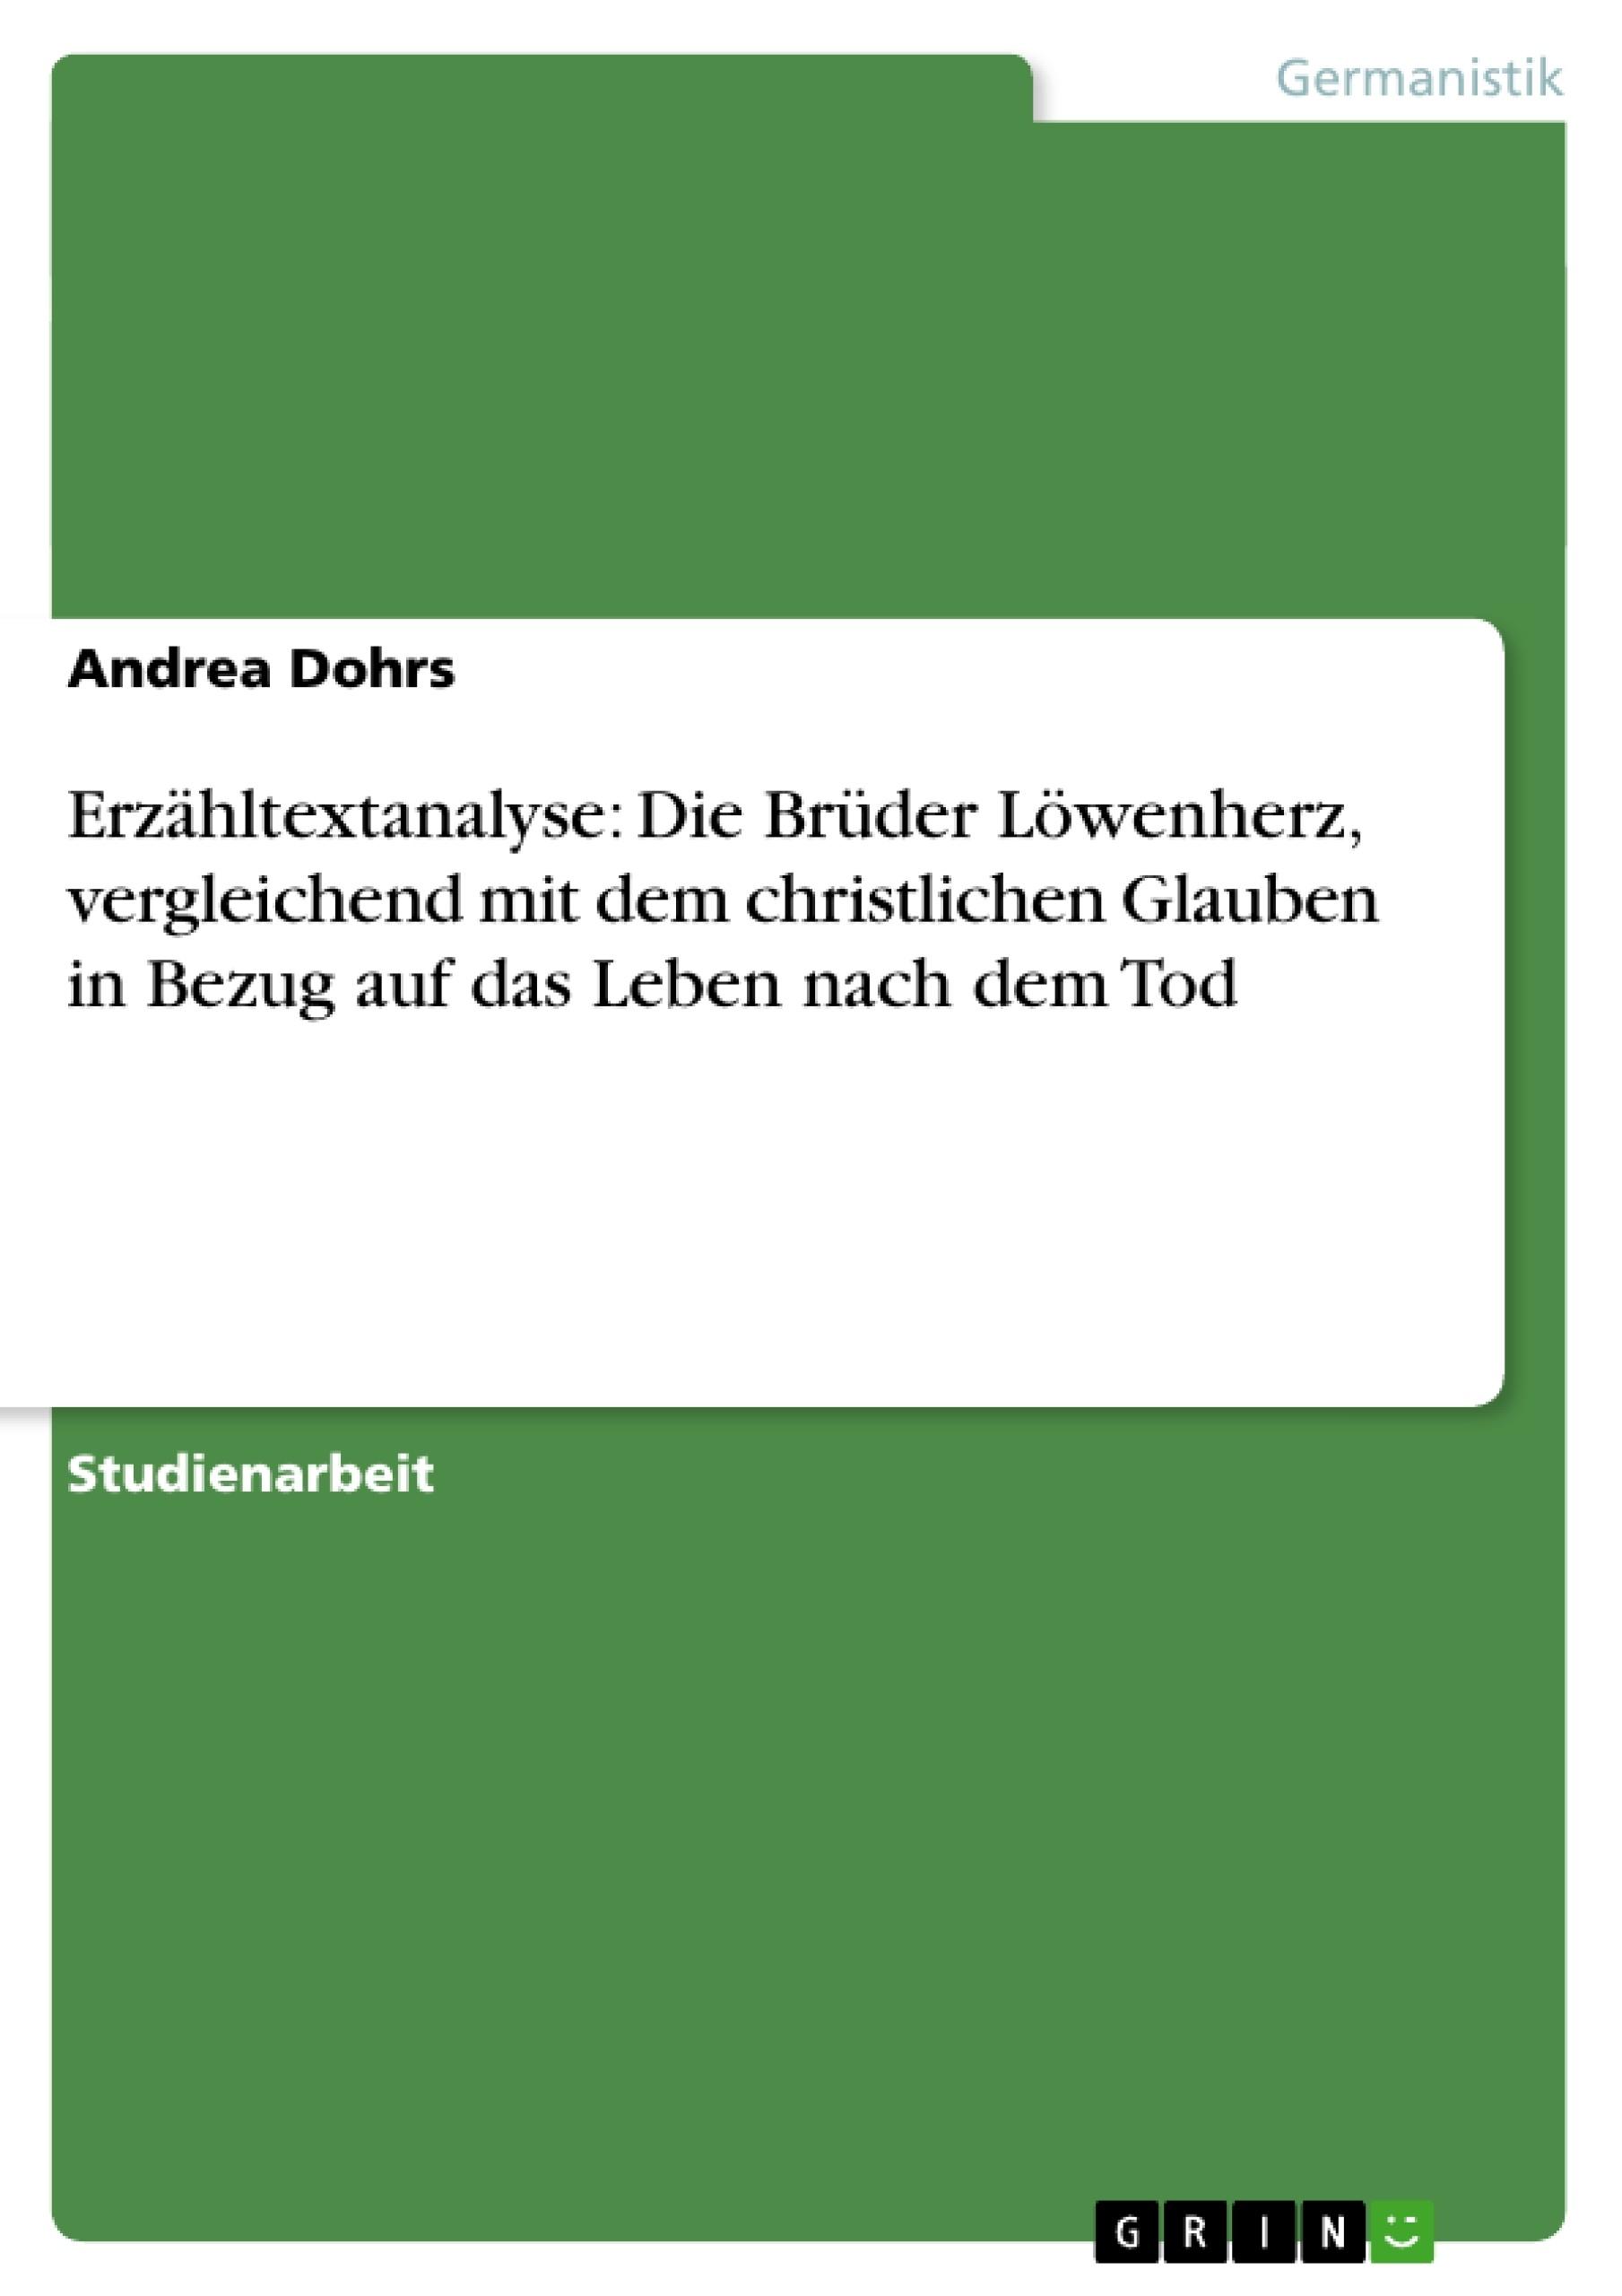 Titel: Erzähltextanalyse: Die Brüder Löwenherz, vergleichend mit dem christlichen Glauben in Bezug auf das Leben nach dem Tod